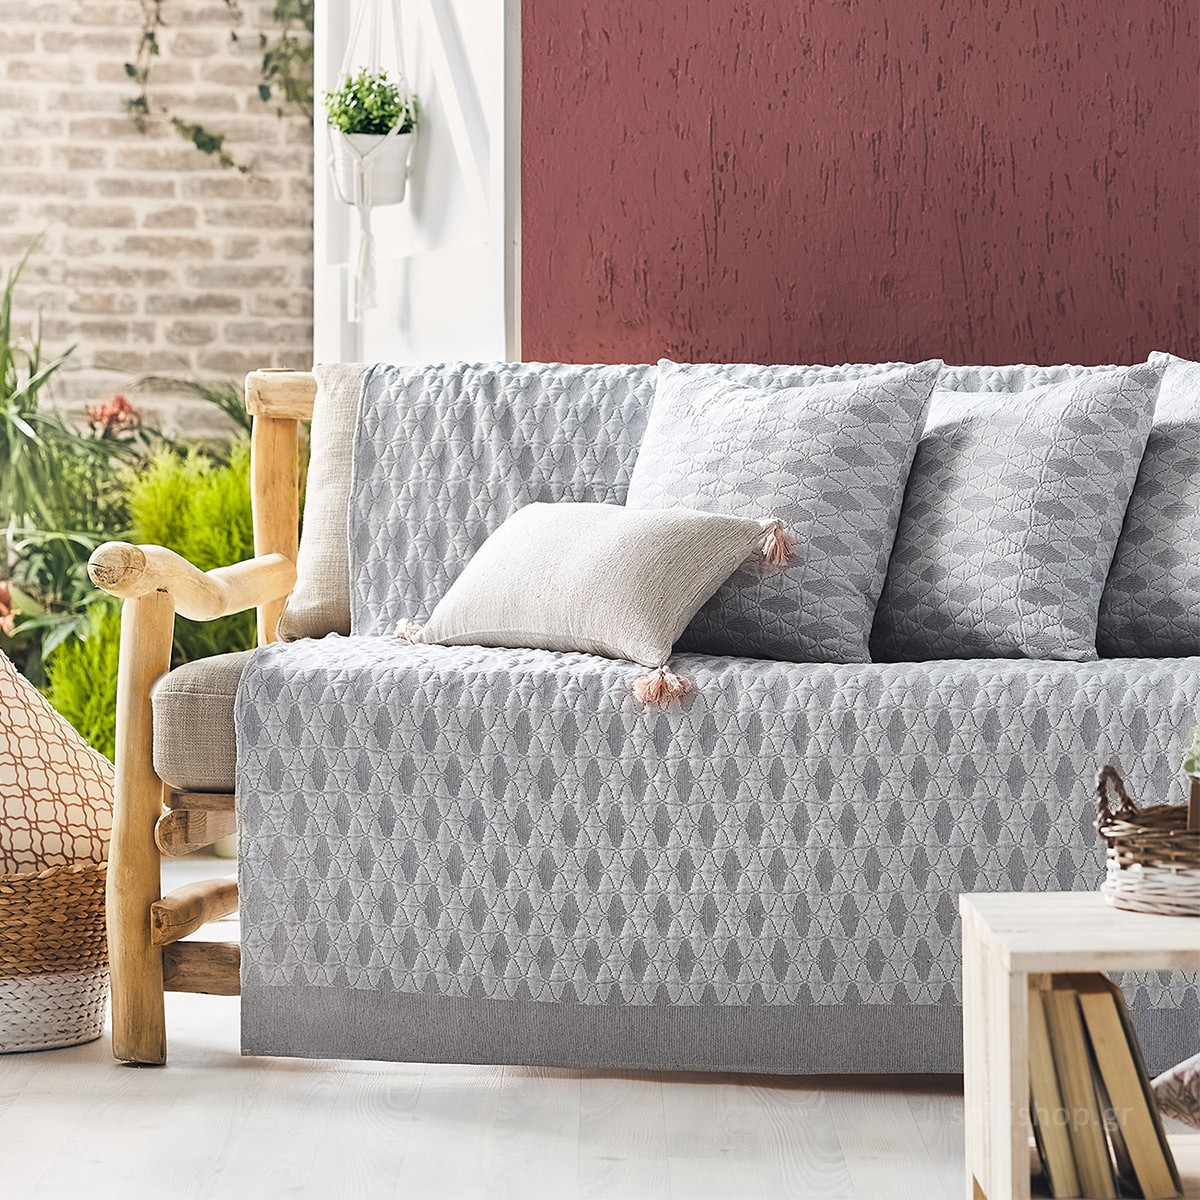 Ριχτάρι Τετραθέσιου (180x350) Gofis Home Quattro Grey 386/15